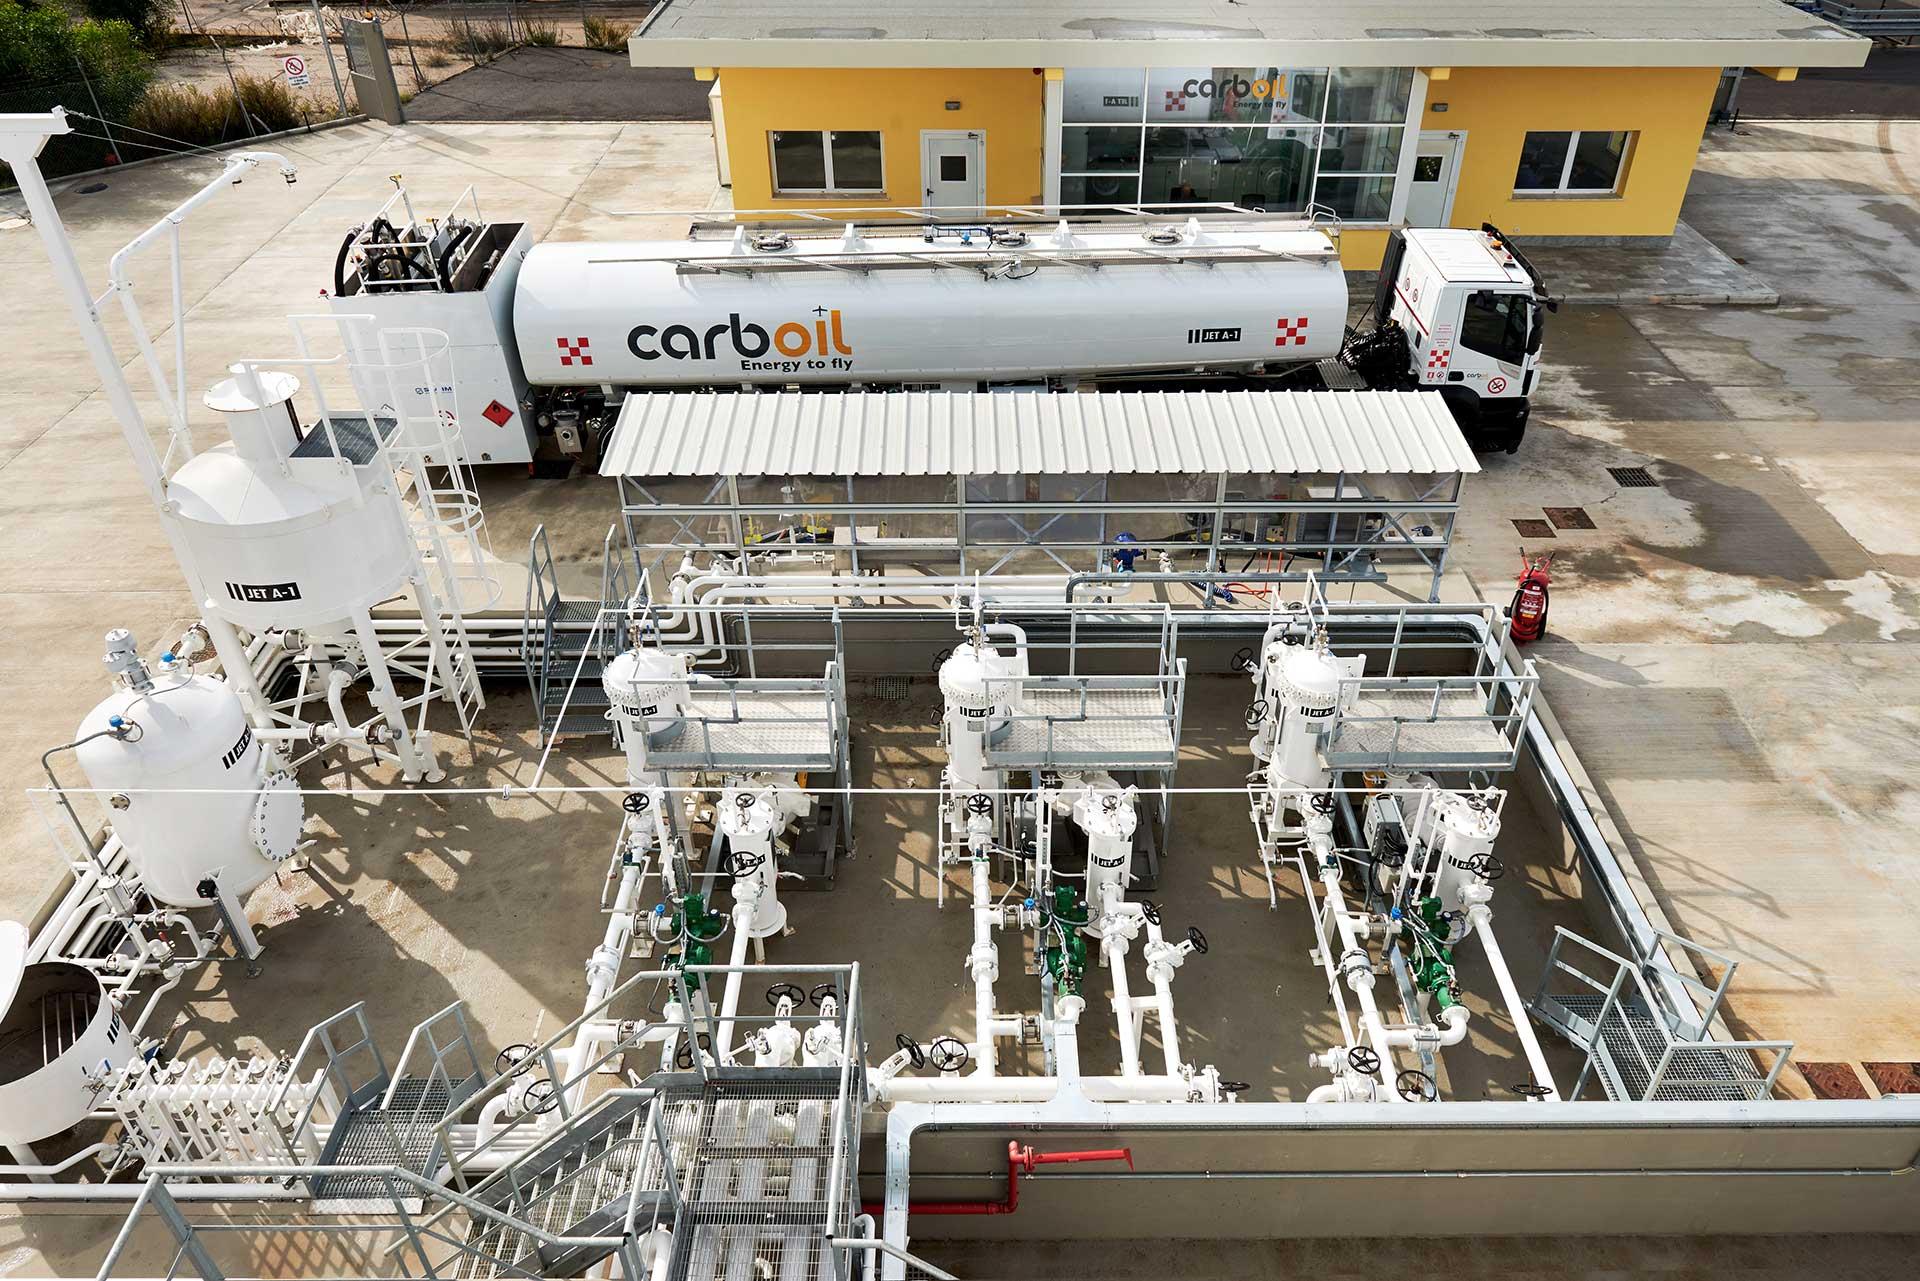 Carboil